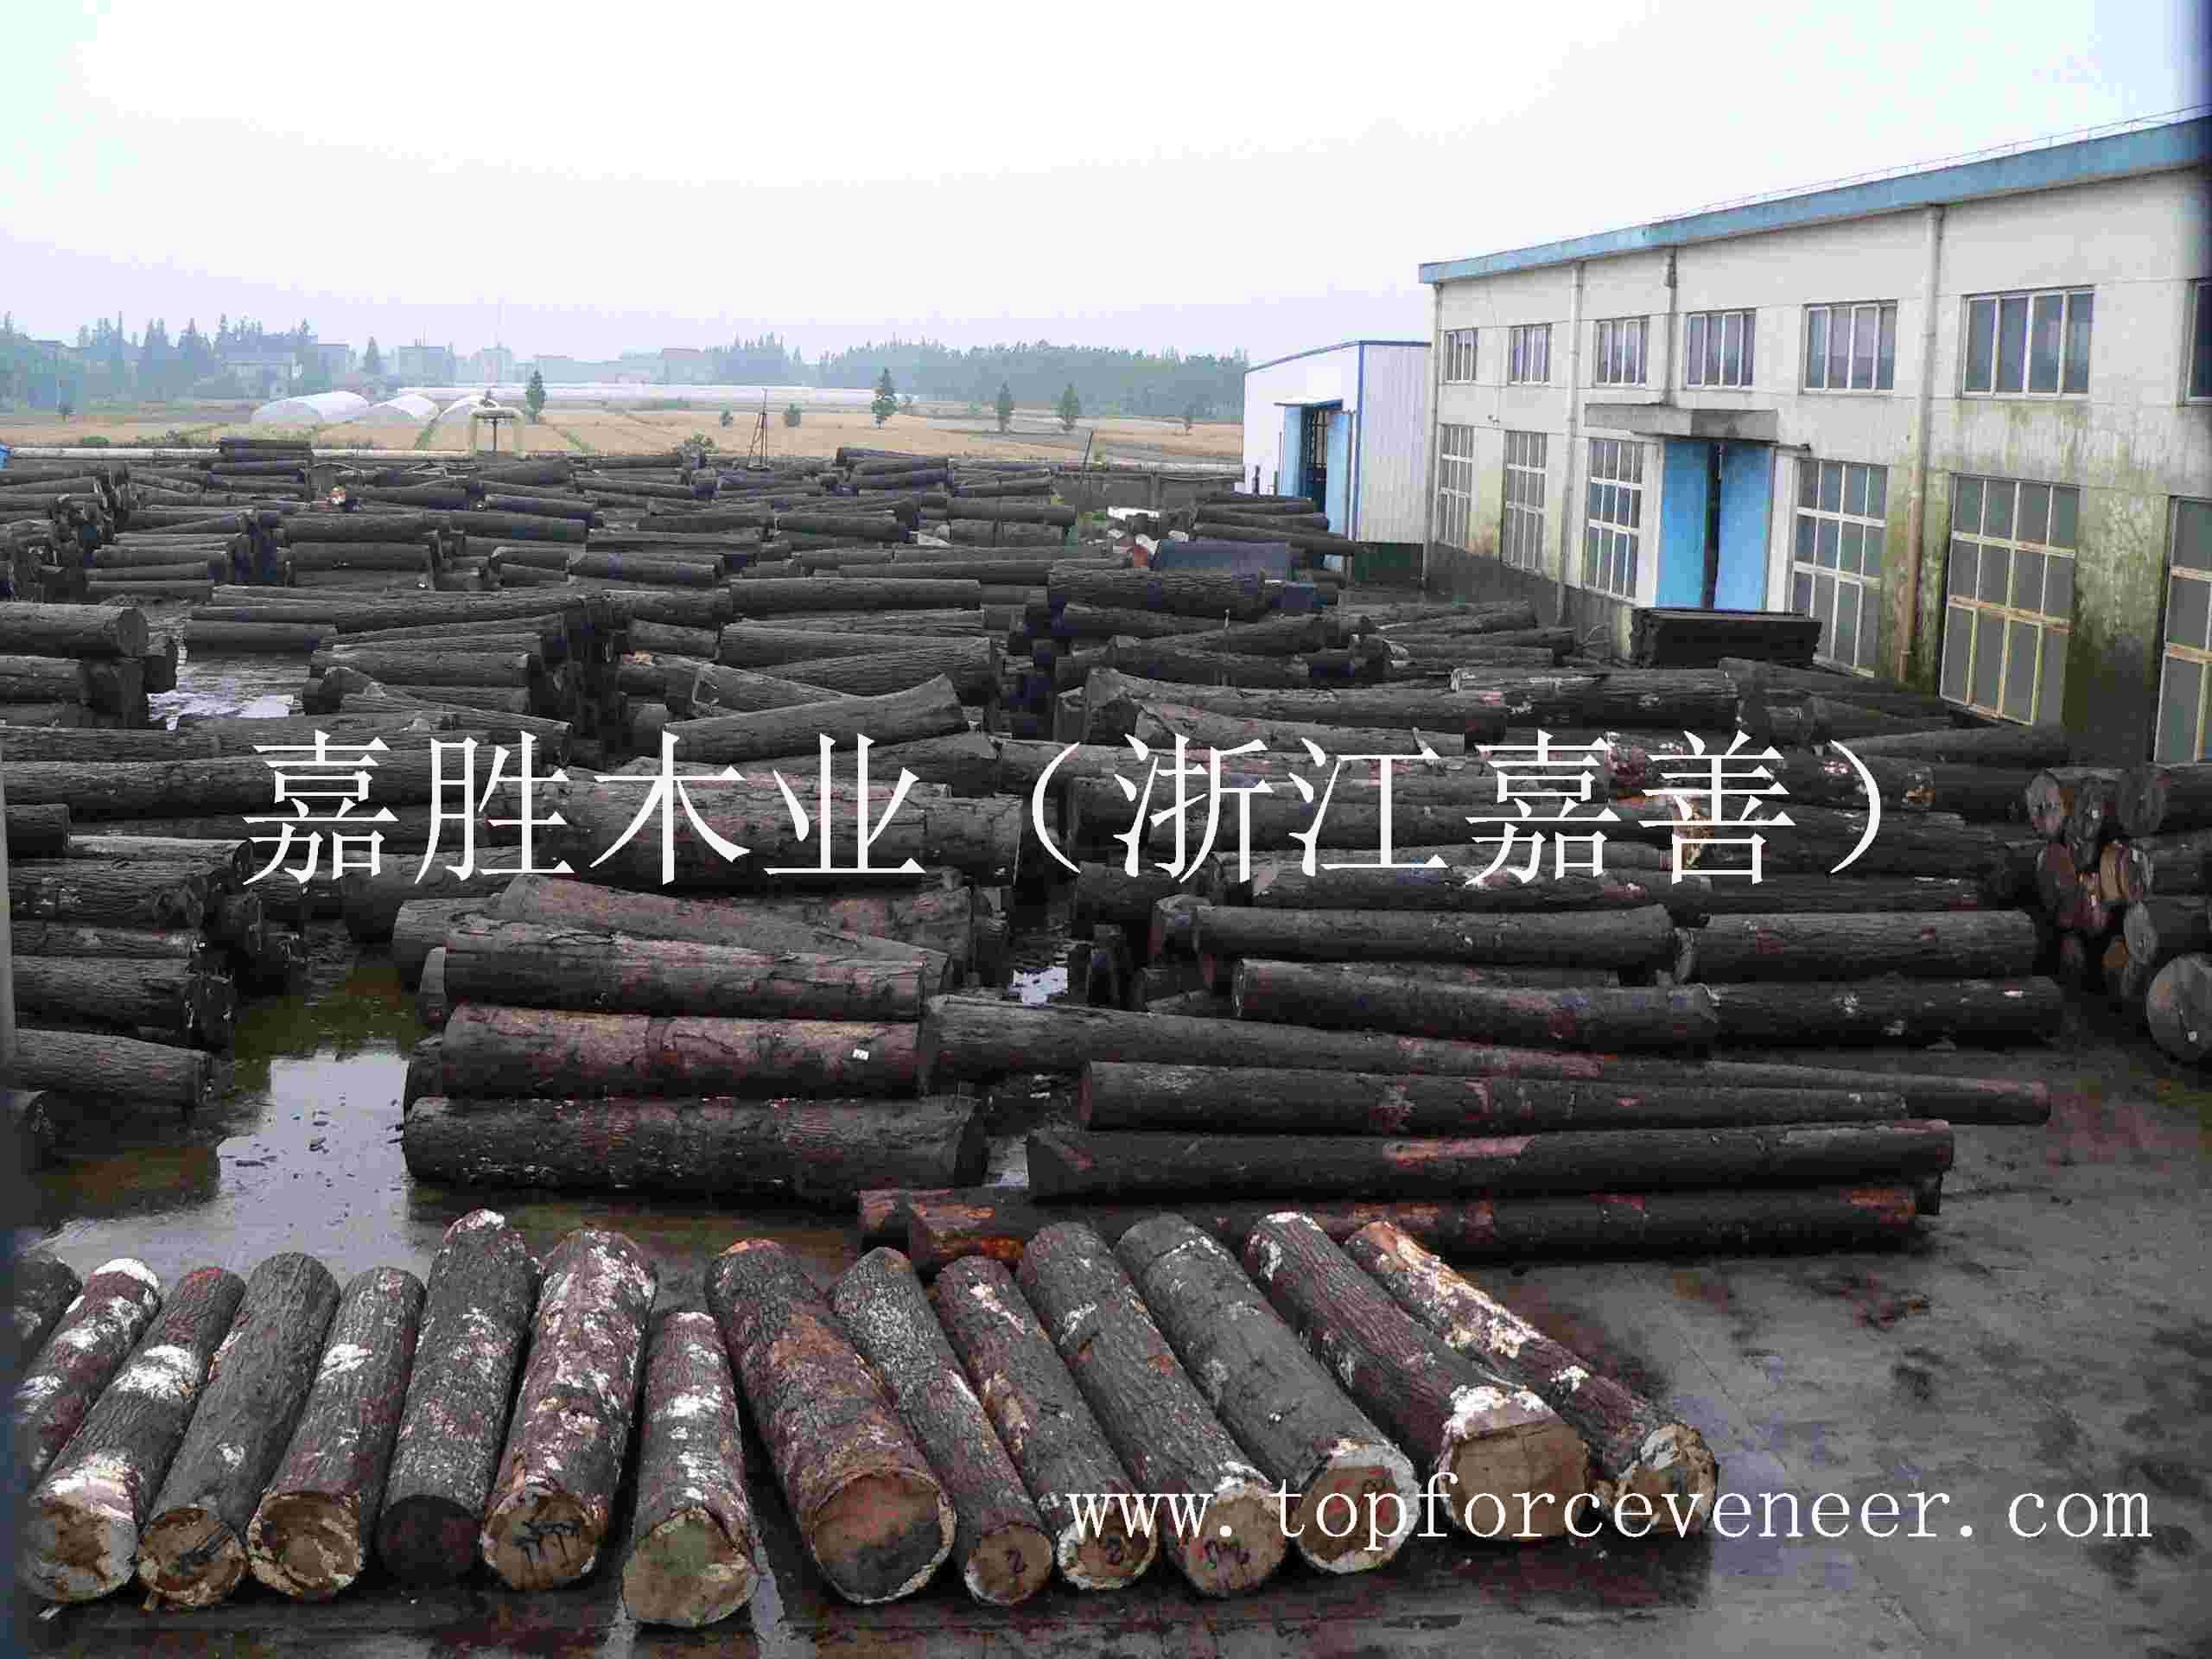 浙江品牌木皮厂家 ZheJiang JiaXing Jiashan Famous Brand Veneer Factory and Supplier enjoy the good re